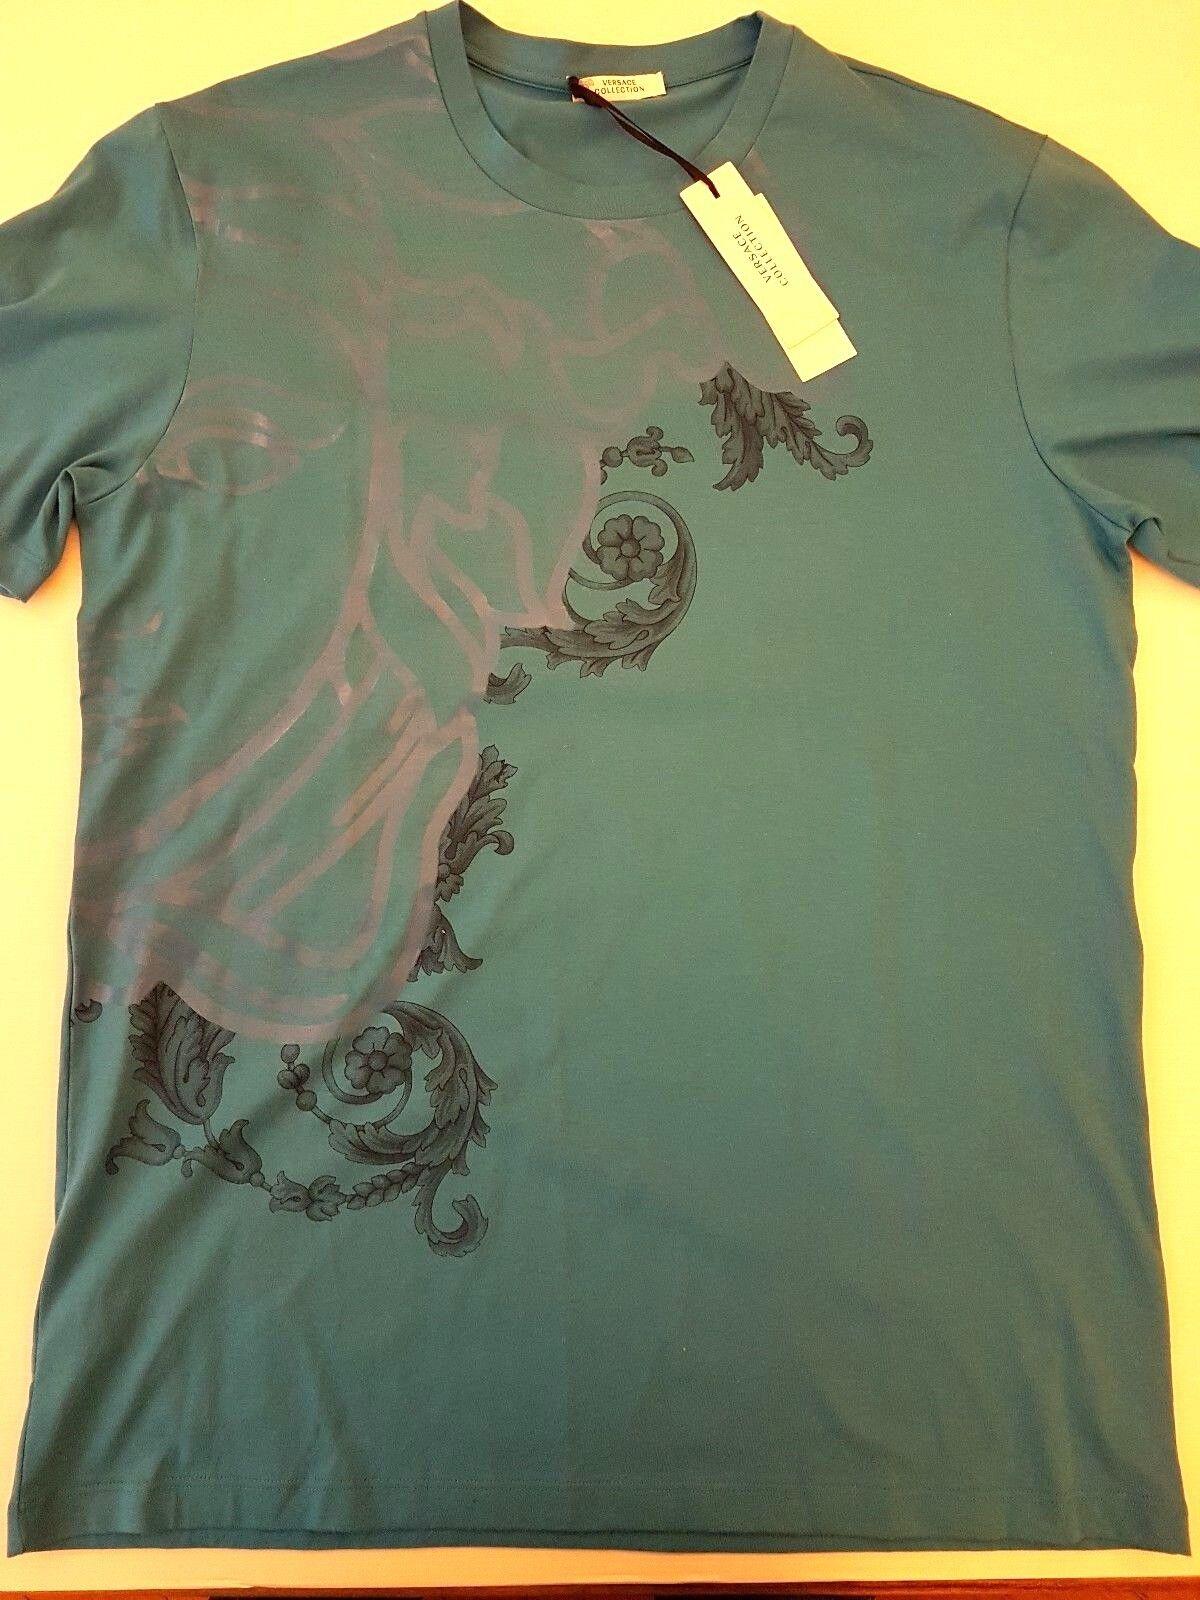 VERSACE COLLECTION HALF MEDUSA t-shirt size L in light bluee V800683 VJ00267